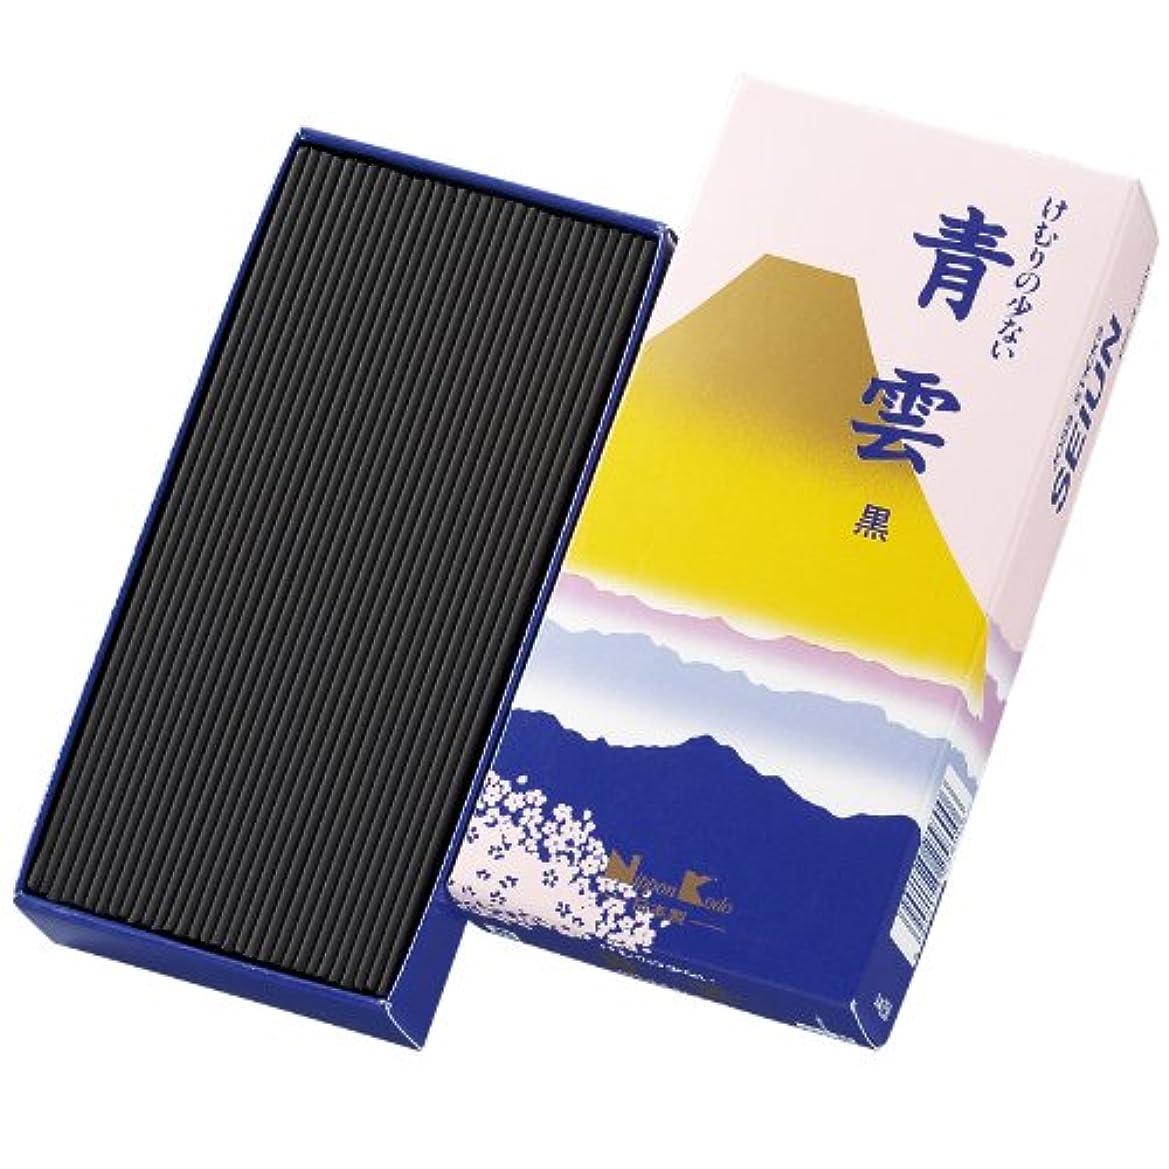 文航海のジャズ青雲 黒 バラ詰 (約110g)